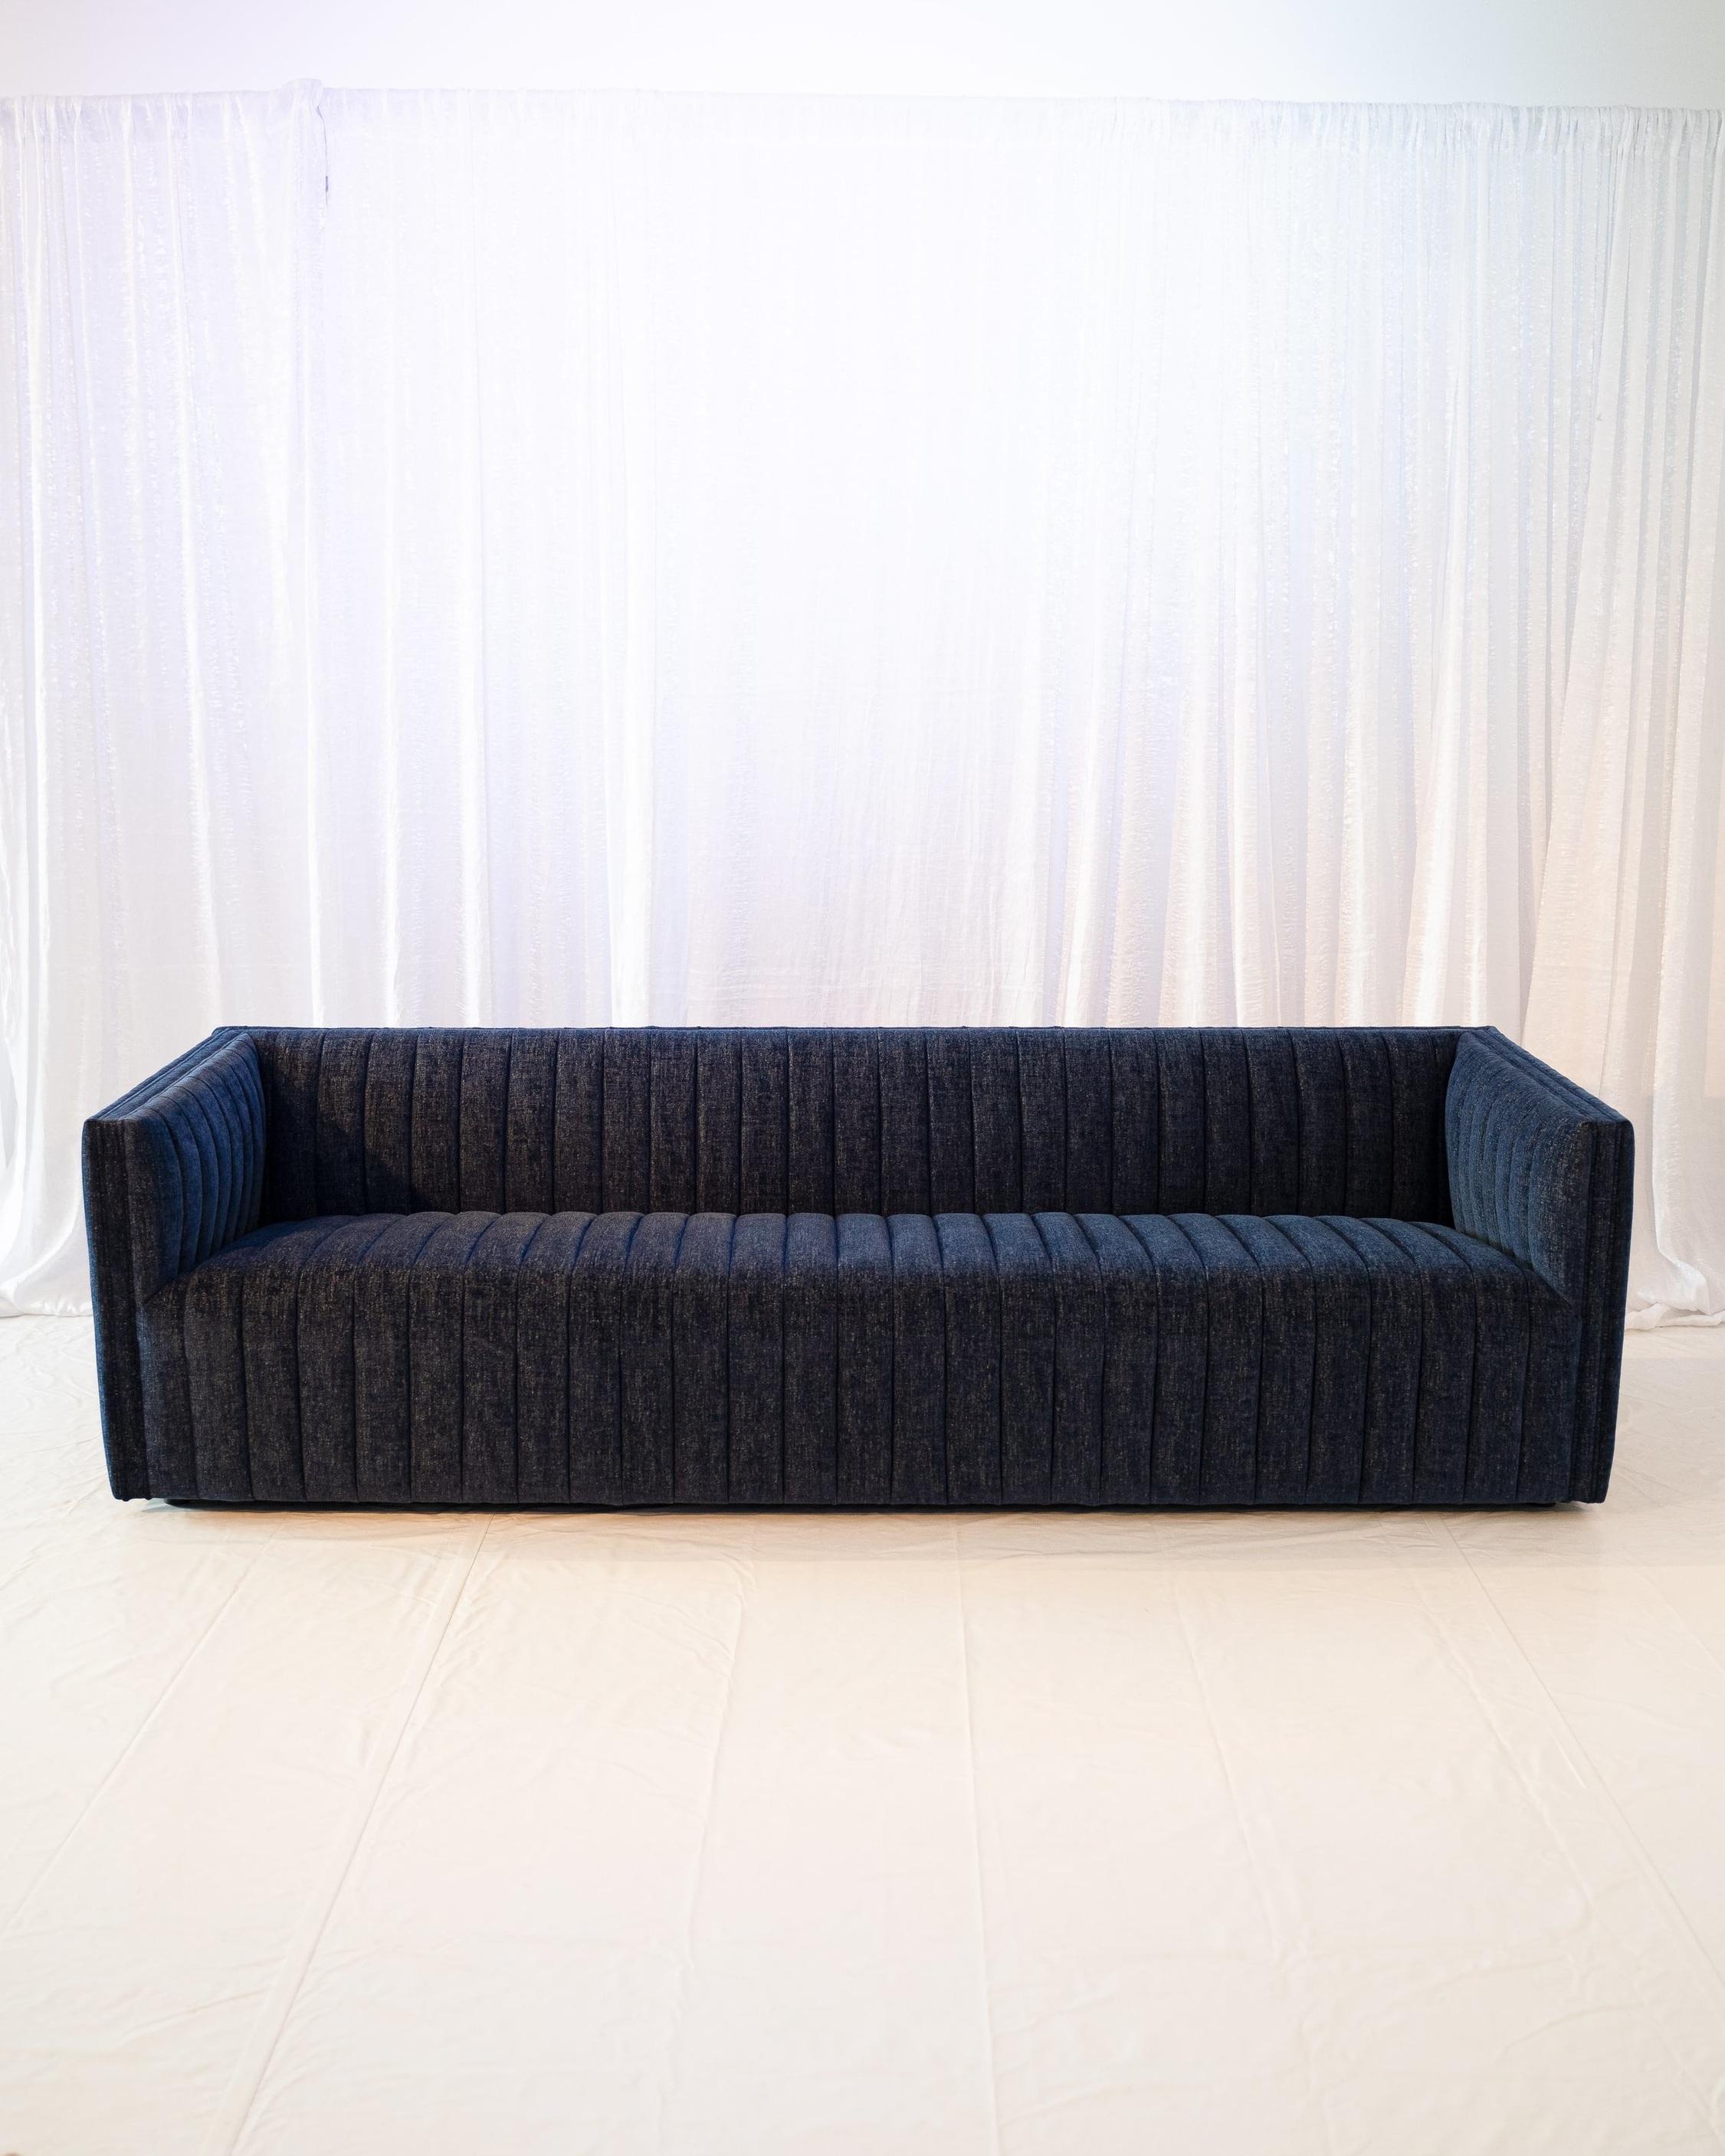 Vintage Furniture Als For All Event